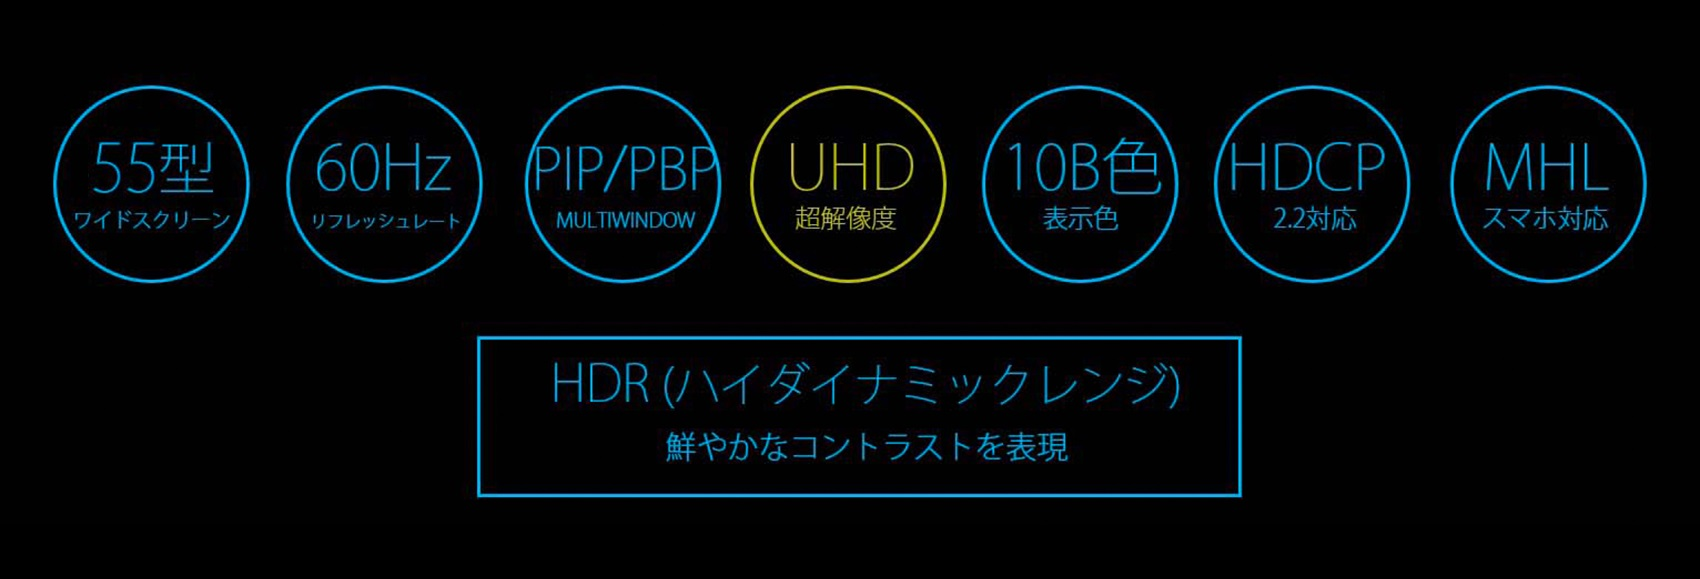 (60Hz) PIP/PBP (UHD) (10BÉ ( HDCP) (MHL (ワイドスクリーン) リフレッシュレート/ MULTIWINDOW 超解像度 表示色 2.2対応 スマホ対応 HDR (ハイダイナミックレンジ) 鮮やかなコントラストを表現